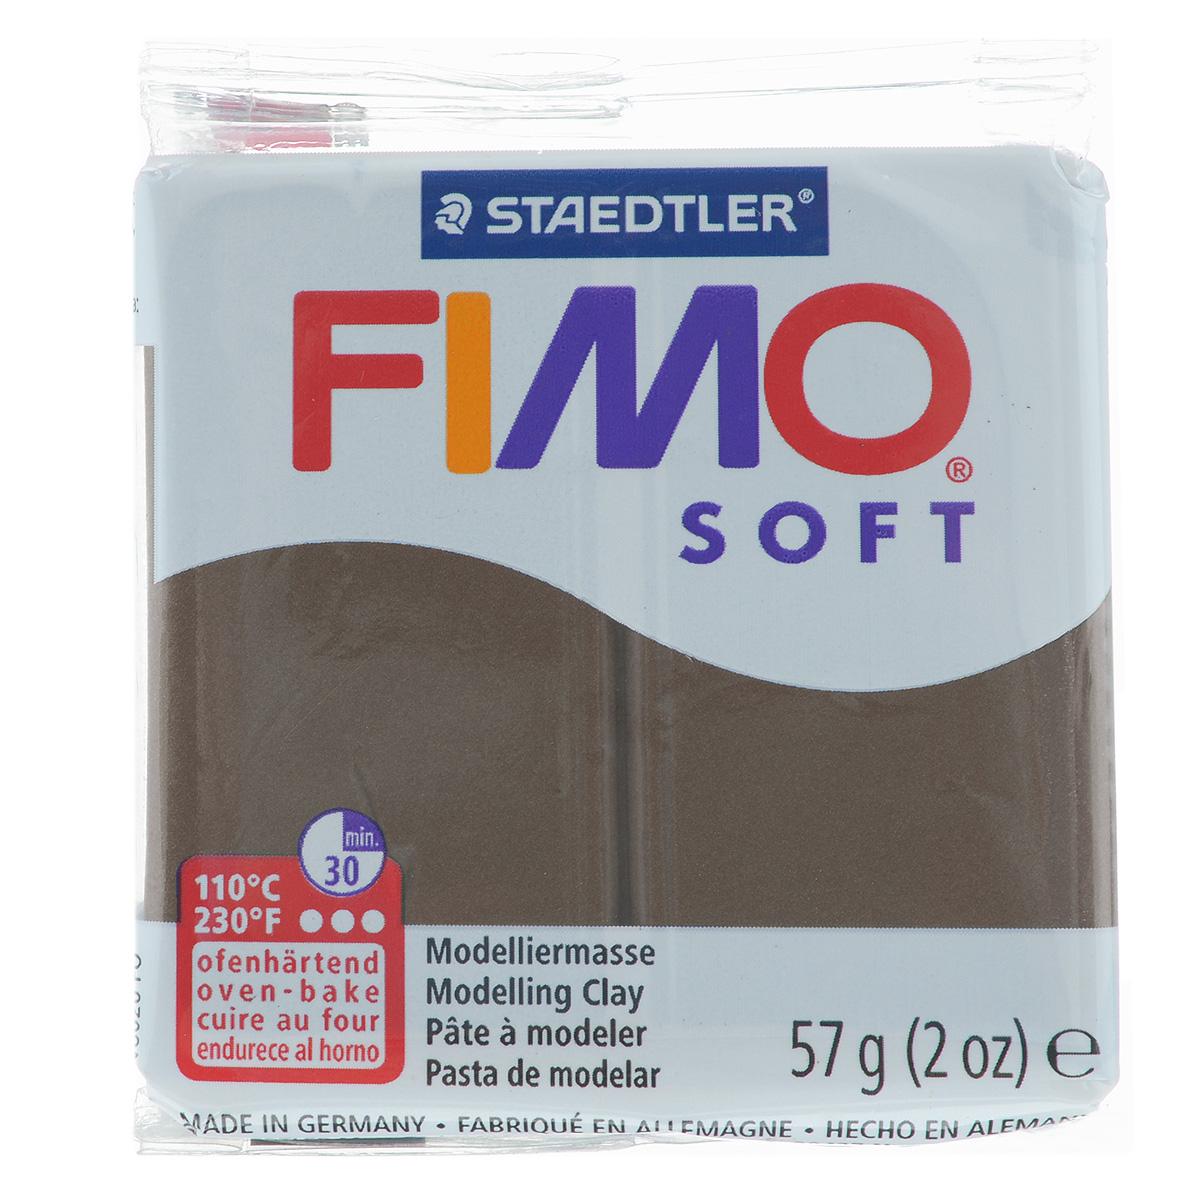 Полимерная глина Fimo Soft, цвет: какао (75), 56 г8020-75Мягкая глина на полимерной основе (пластика) Fimo Soft идеально подходит для лепки небольших изделий (украшений, скульптурок, кукол) и для моделирования. Глина обладает отличными пластичными свойствами, хорошо размягчается и лепится, легко смешивается между собой, благодаря чему можно создать огромное количество поделок любых цветов и оттенков. Блок поделен на восемь сегментов, что позволяет легче разделять глину на порции. В домашних условиях готовая поделка выпекается в духовом шкафу при температуре 110°С в течении 15-30 минут (в зависимости от величины изделия). Отвердевшие изделия могут быть раскрашены акриловыми красками, покрыты лаком, склеены друг с другом или с другими материалами. Состав: поливинилхлорид, пластификаторы, неорганические наполнители, цветные пигменты.